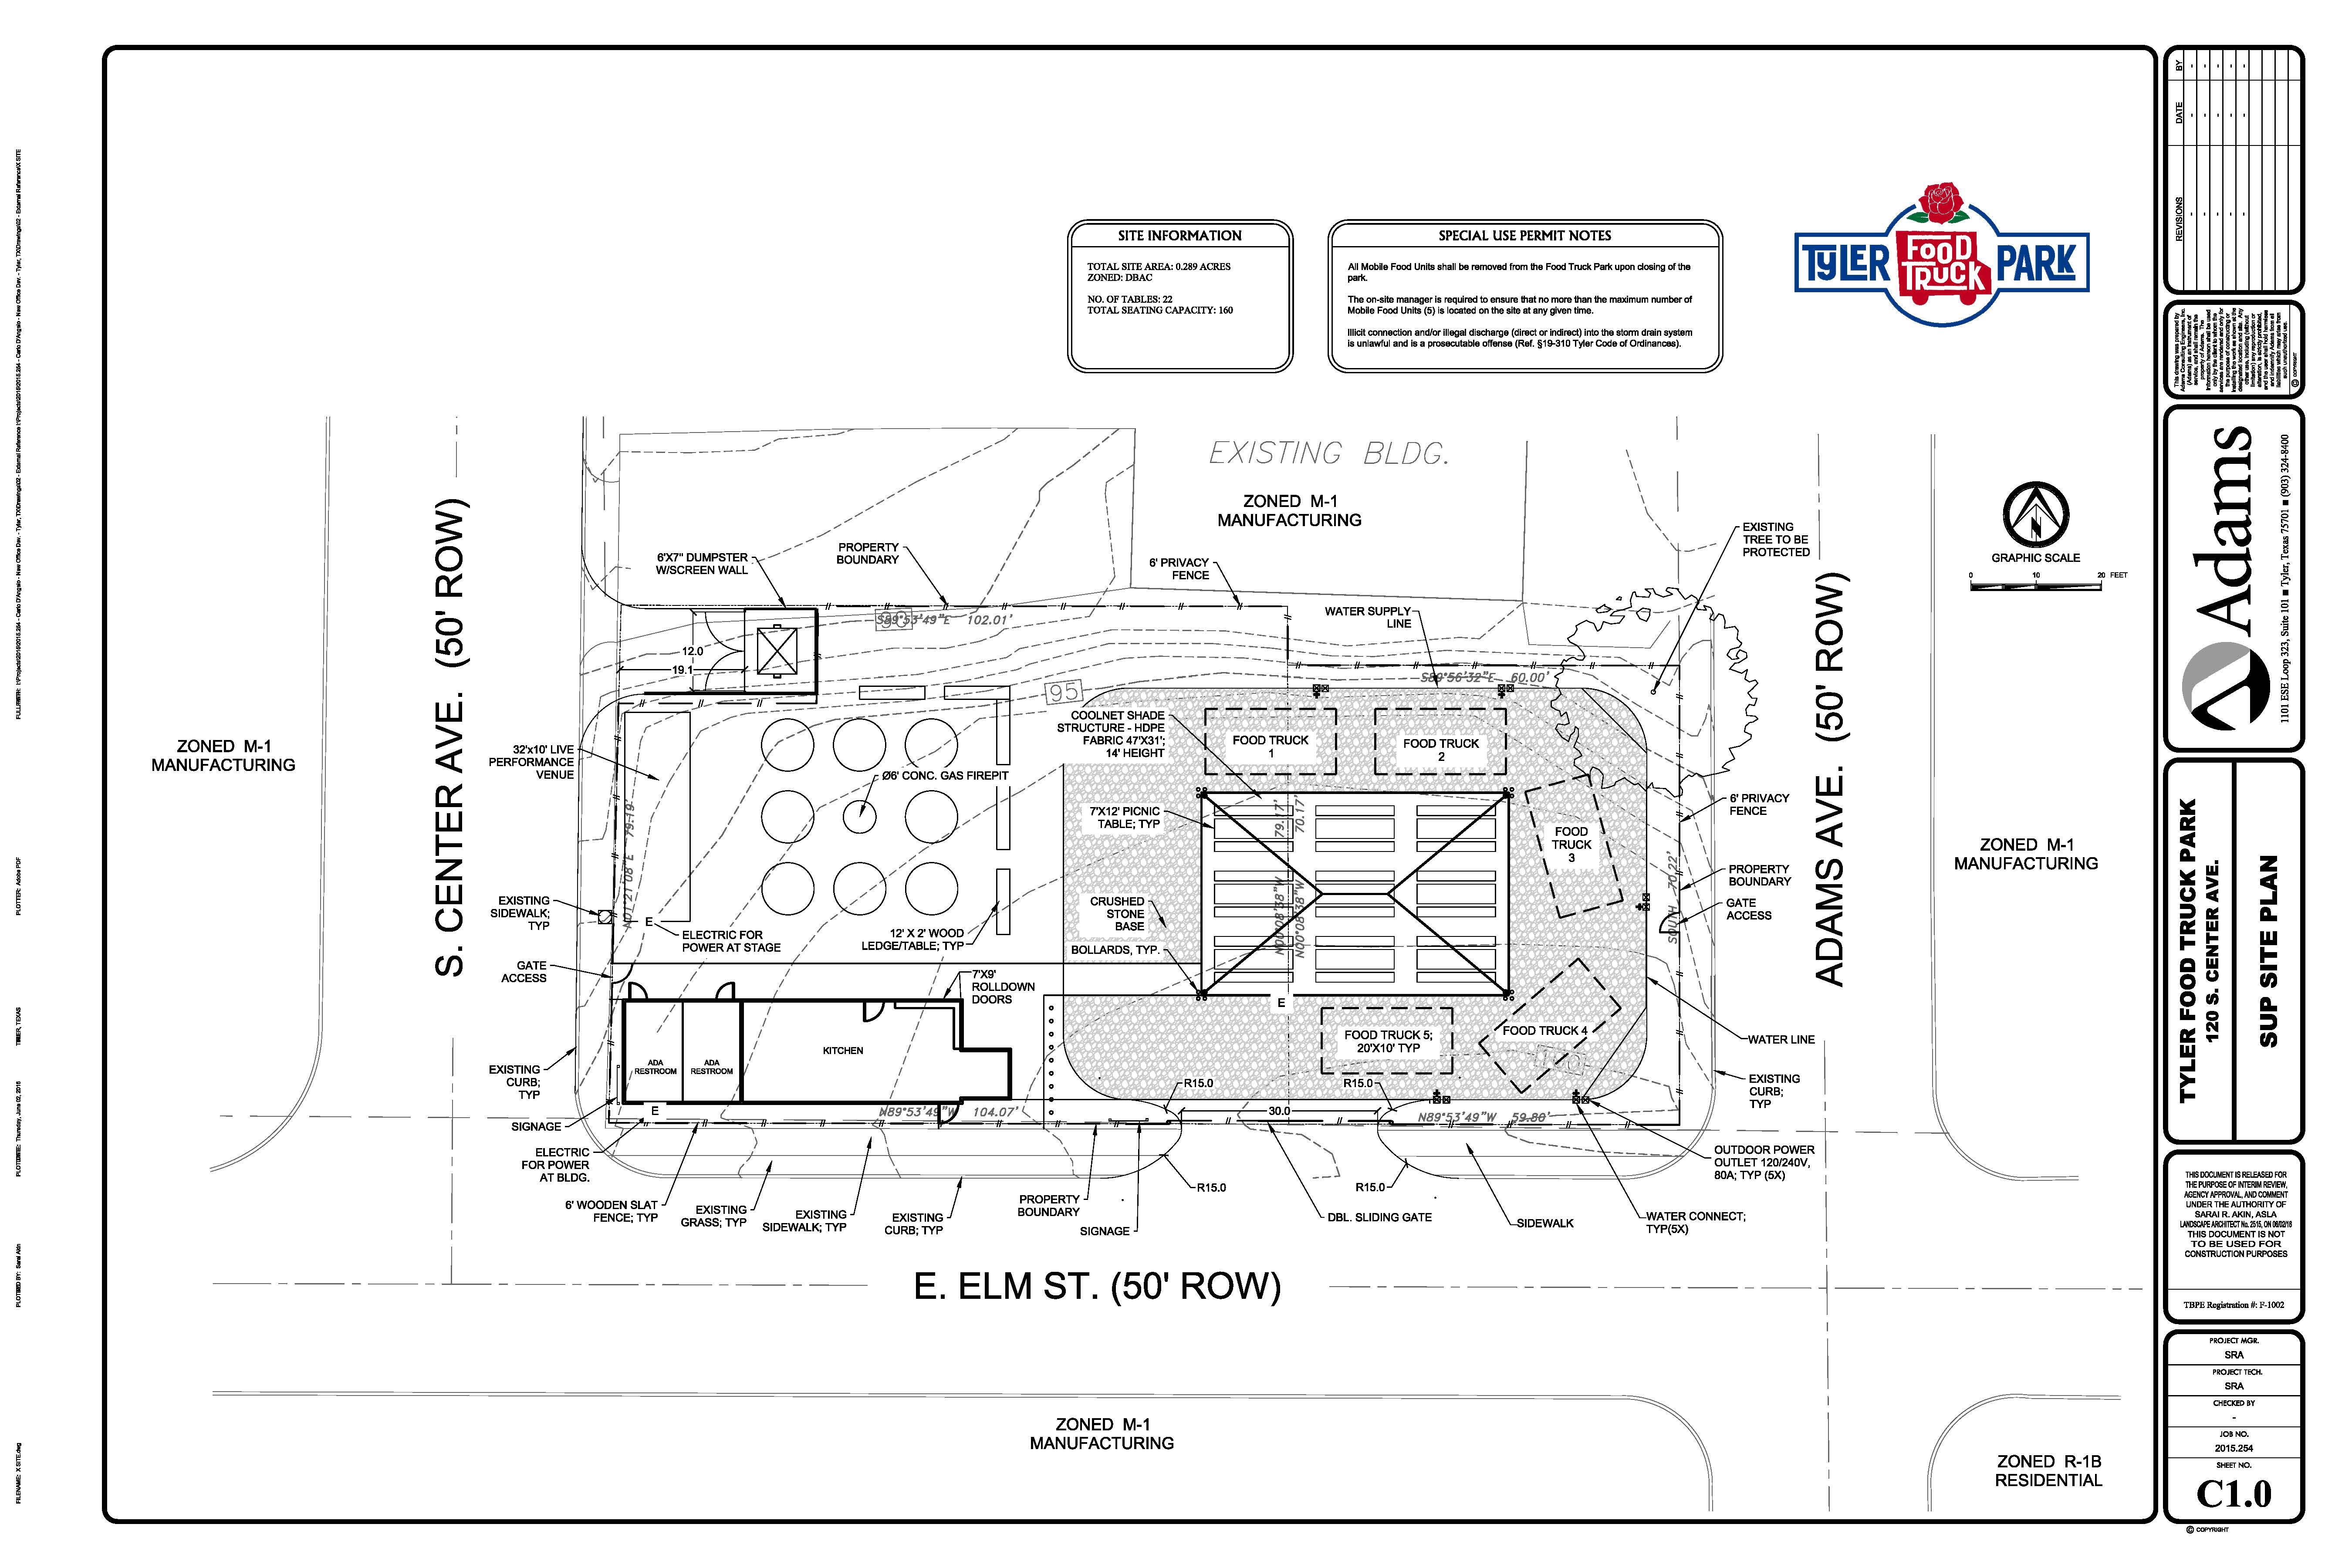 Tyler Food Truck Park - Food truck floor plan